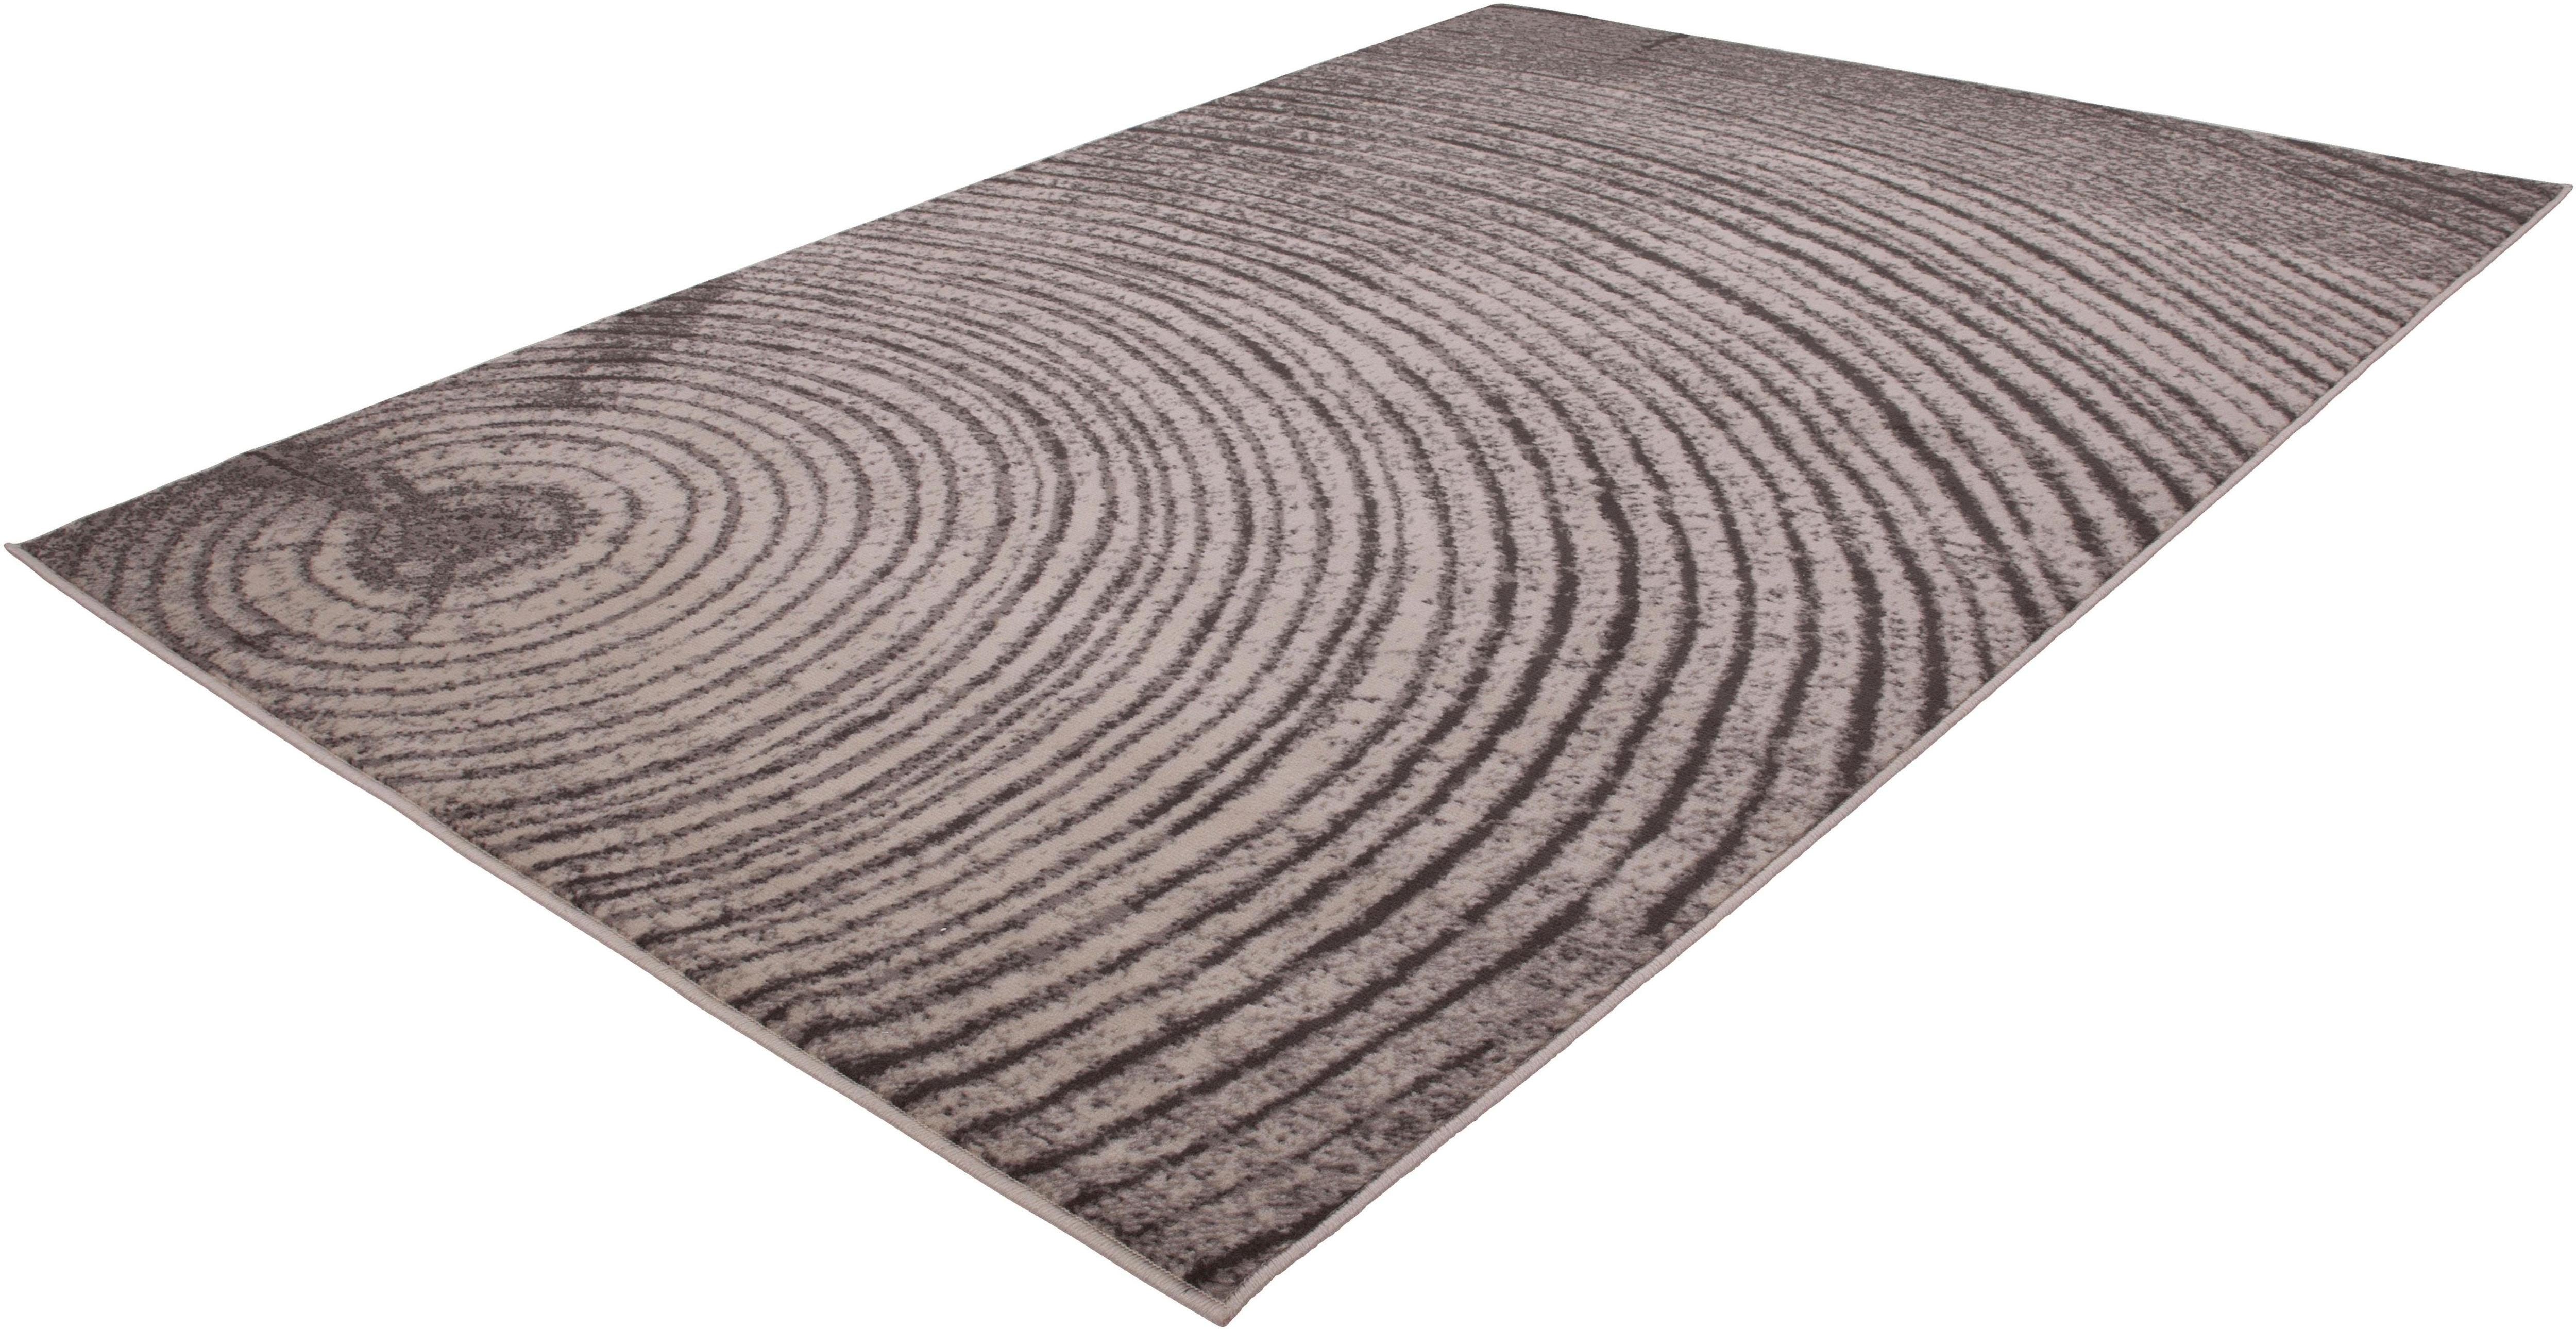 Teppich Jesse 249 calo-deluxe rechteckig Höhe 9 mm maschinell gewebt